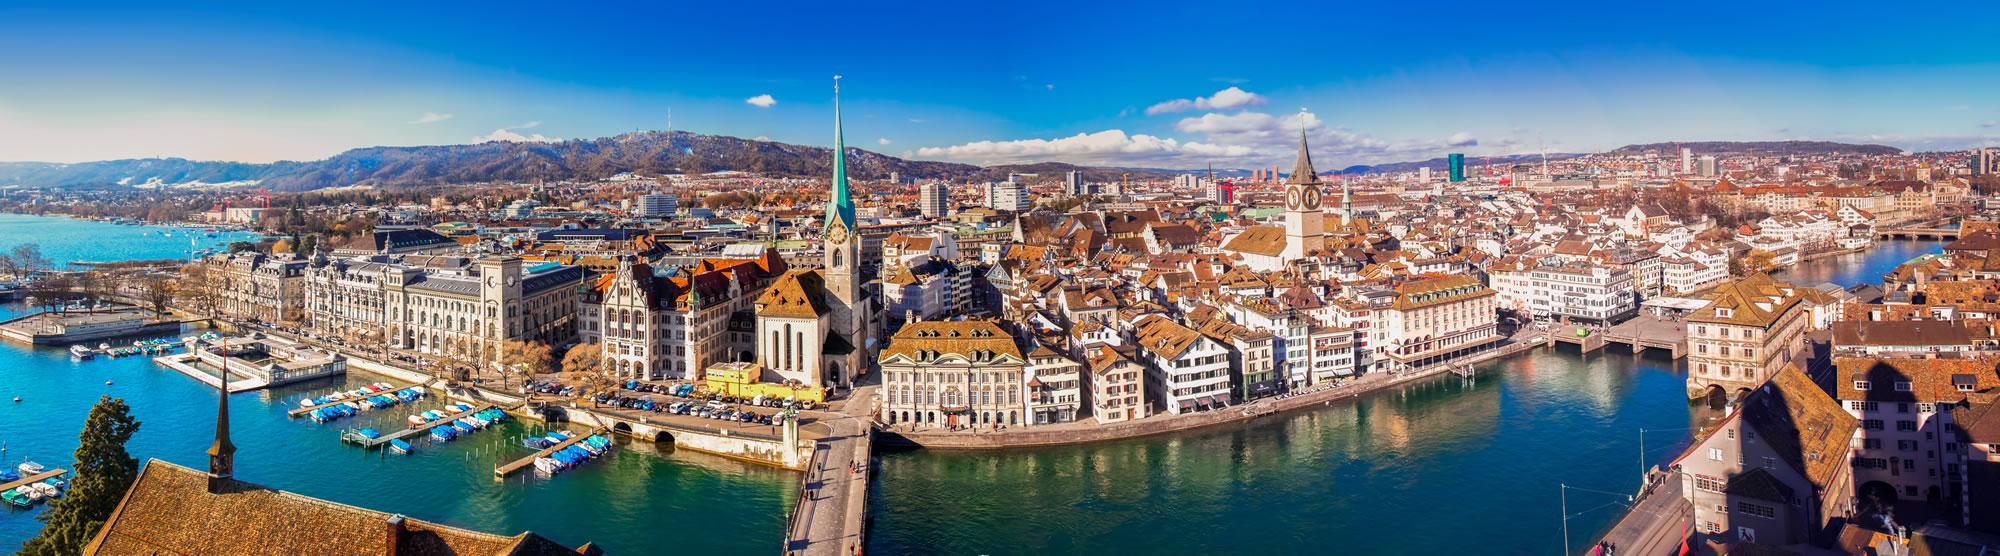 Grossmunster Church Zurich, Switzerland